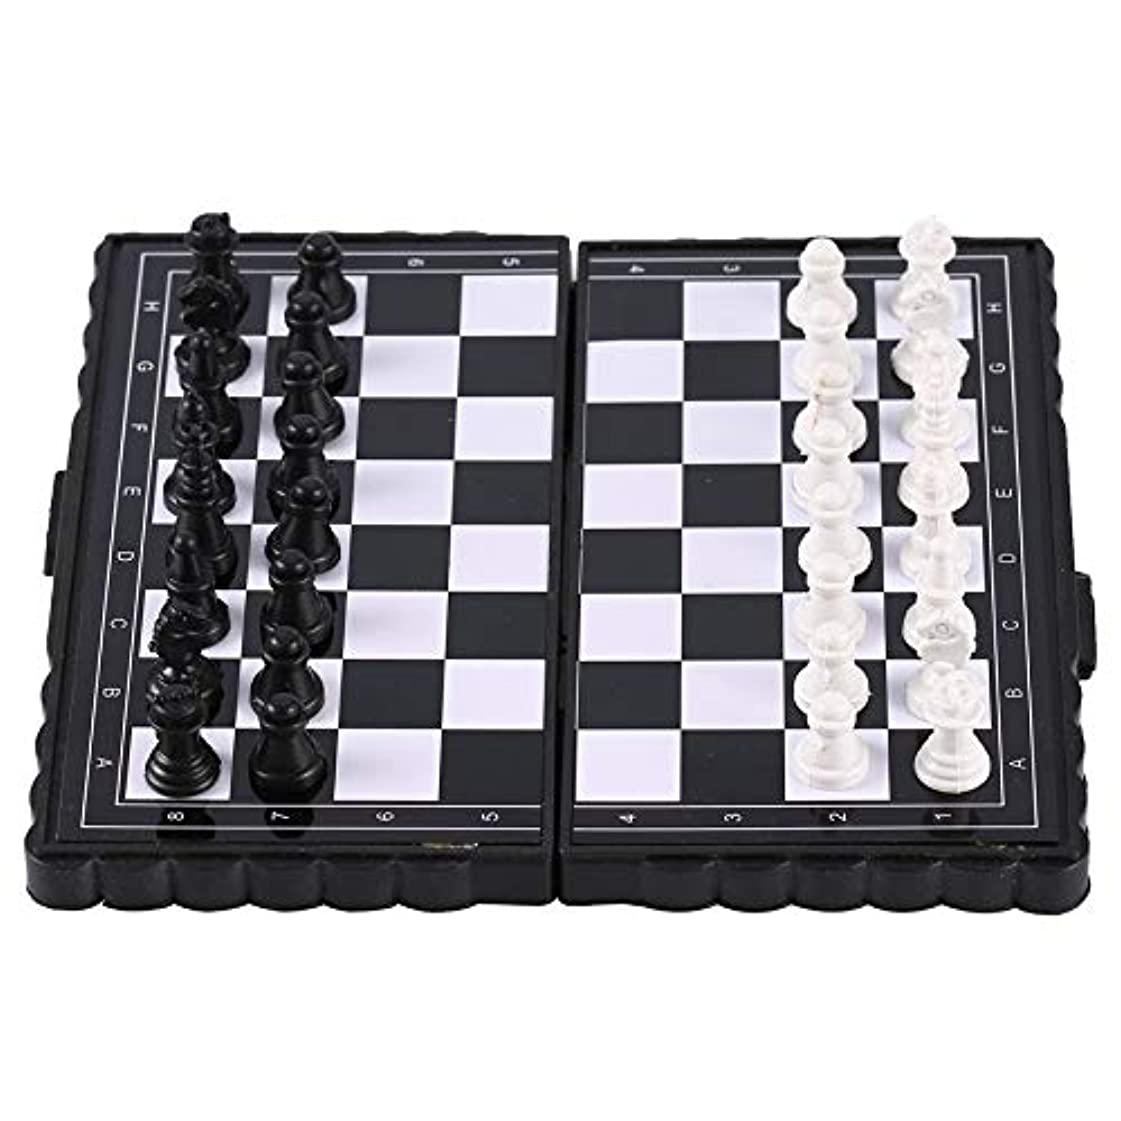 外科医仮説アカデミックGOSIUP テーブルゲーム携帯用折りたたみ磁気ポケットプラスチックチェスチェスパーティー用パーティー